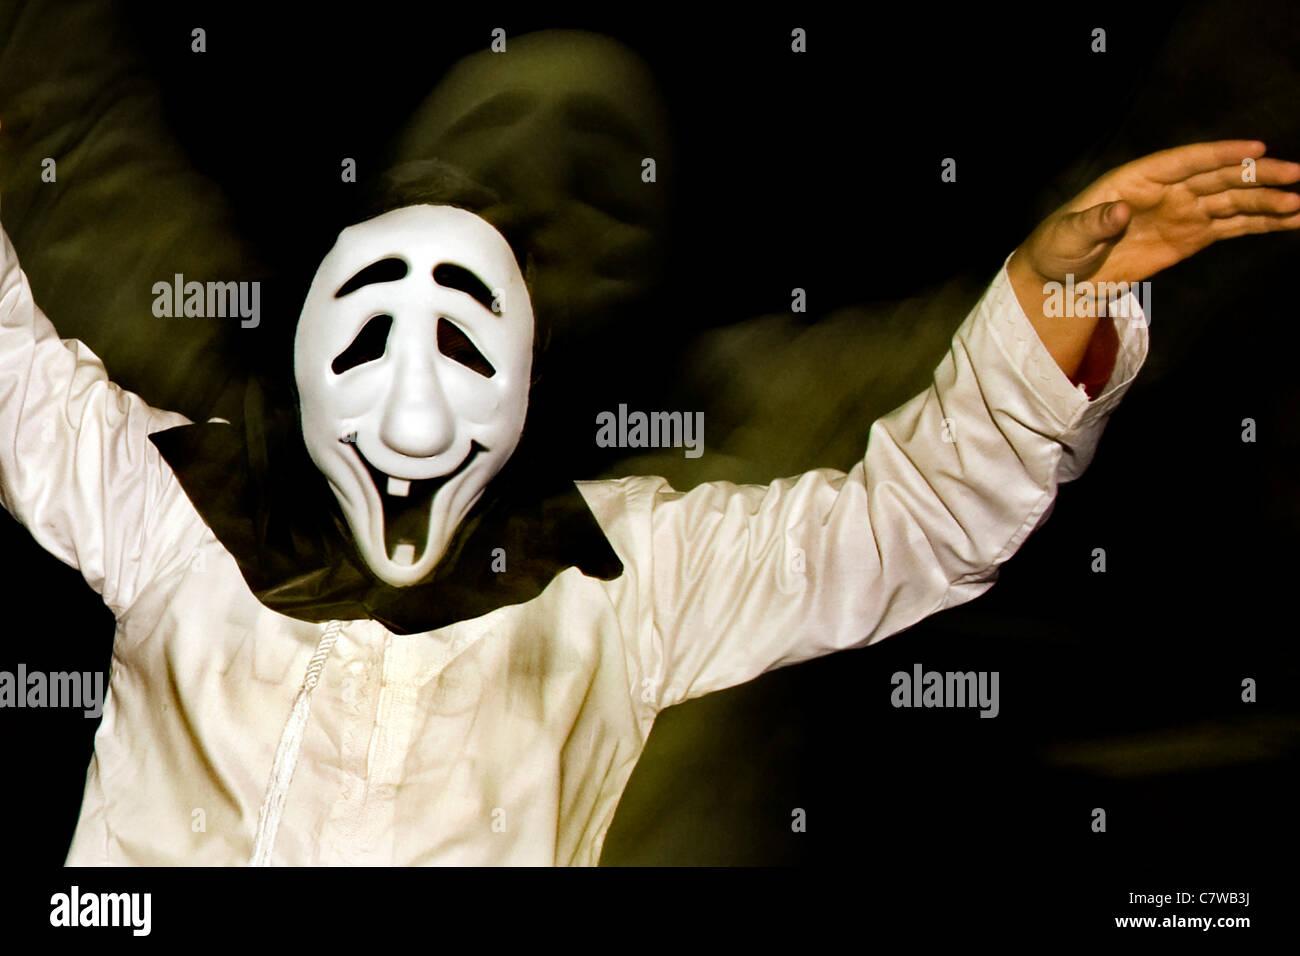 Portrait d'homme portant un masque d'Halloween Photo Stock